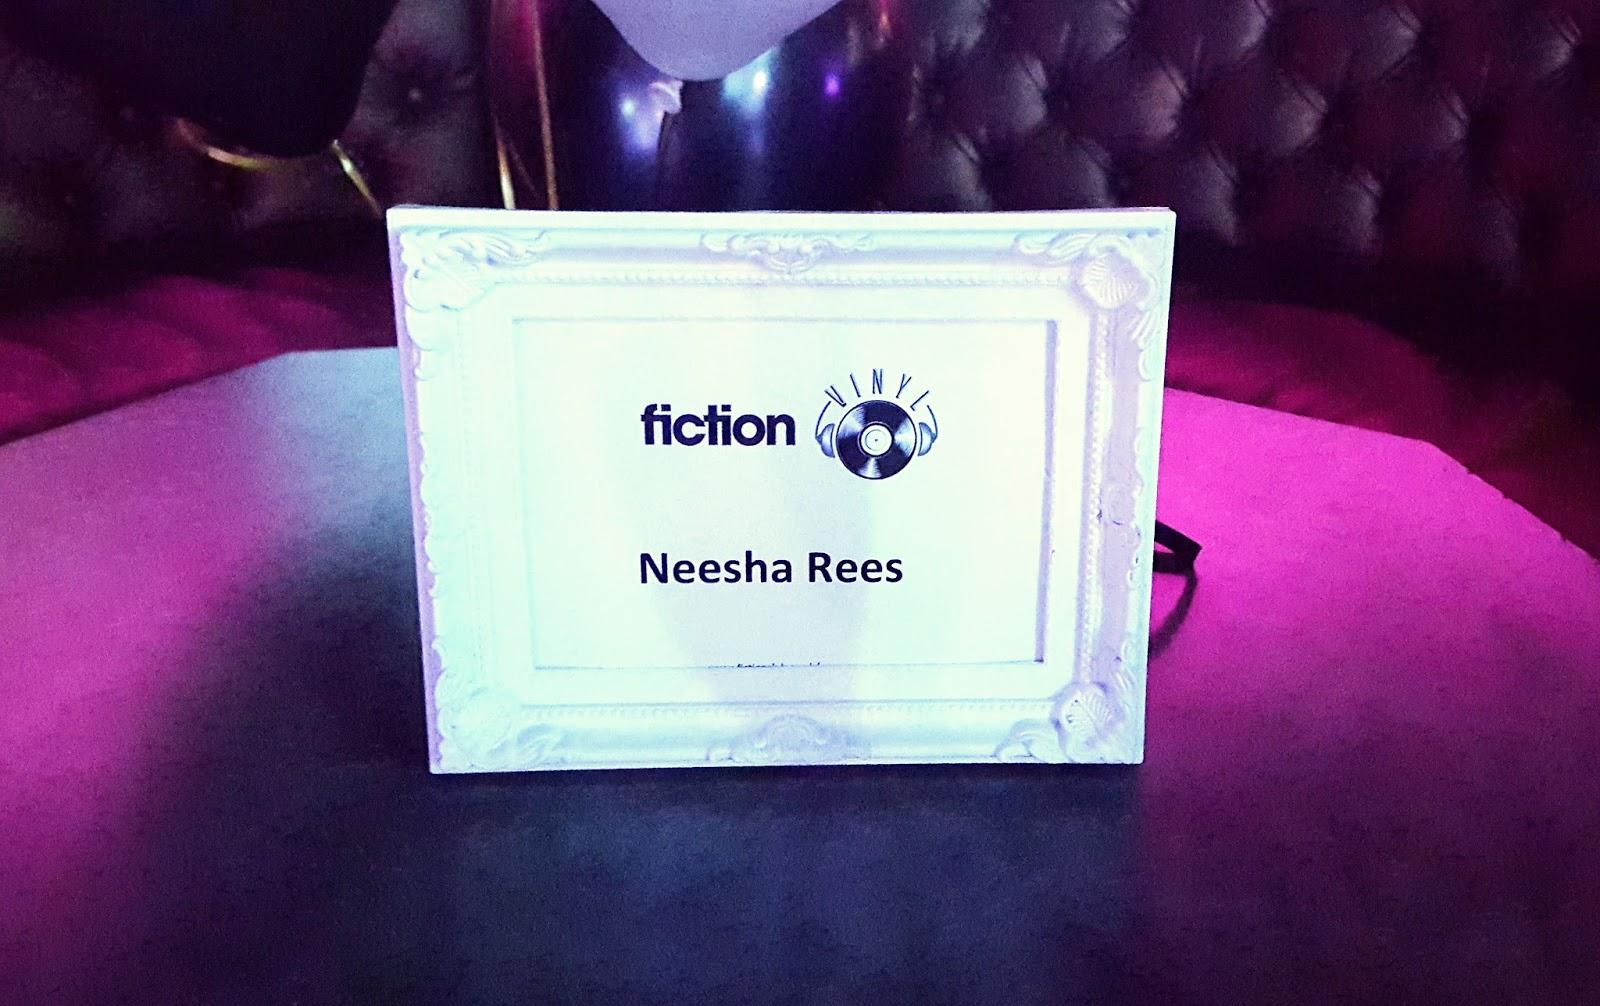 Fiction Nightclub in Swansea's Wind Street